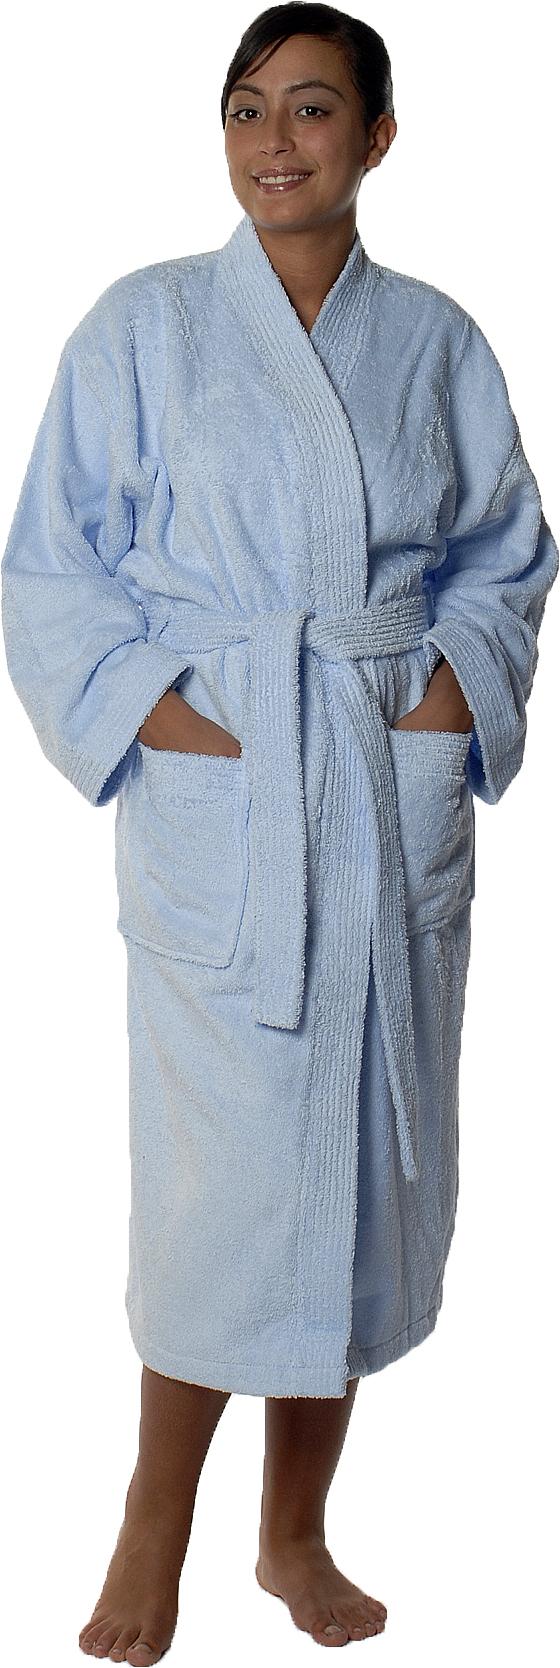 Peignoir col kimono en Coton couleur Ciel Taille M (Ciel)